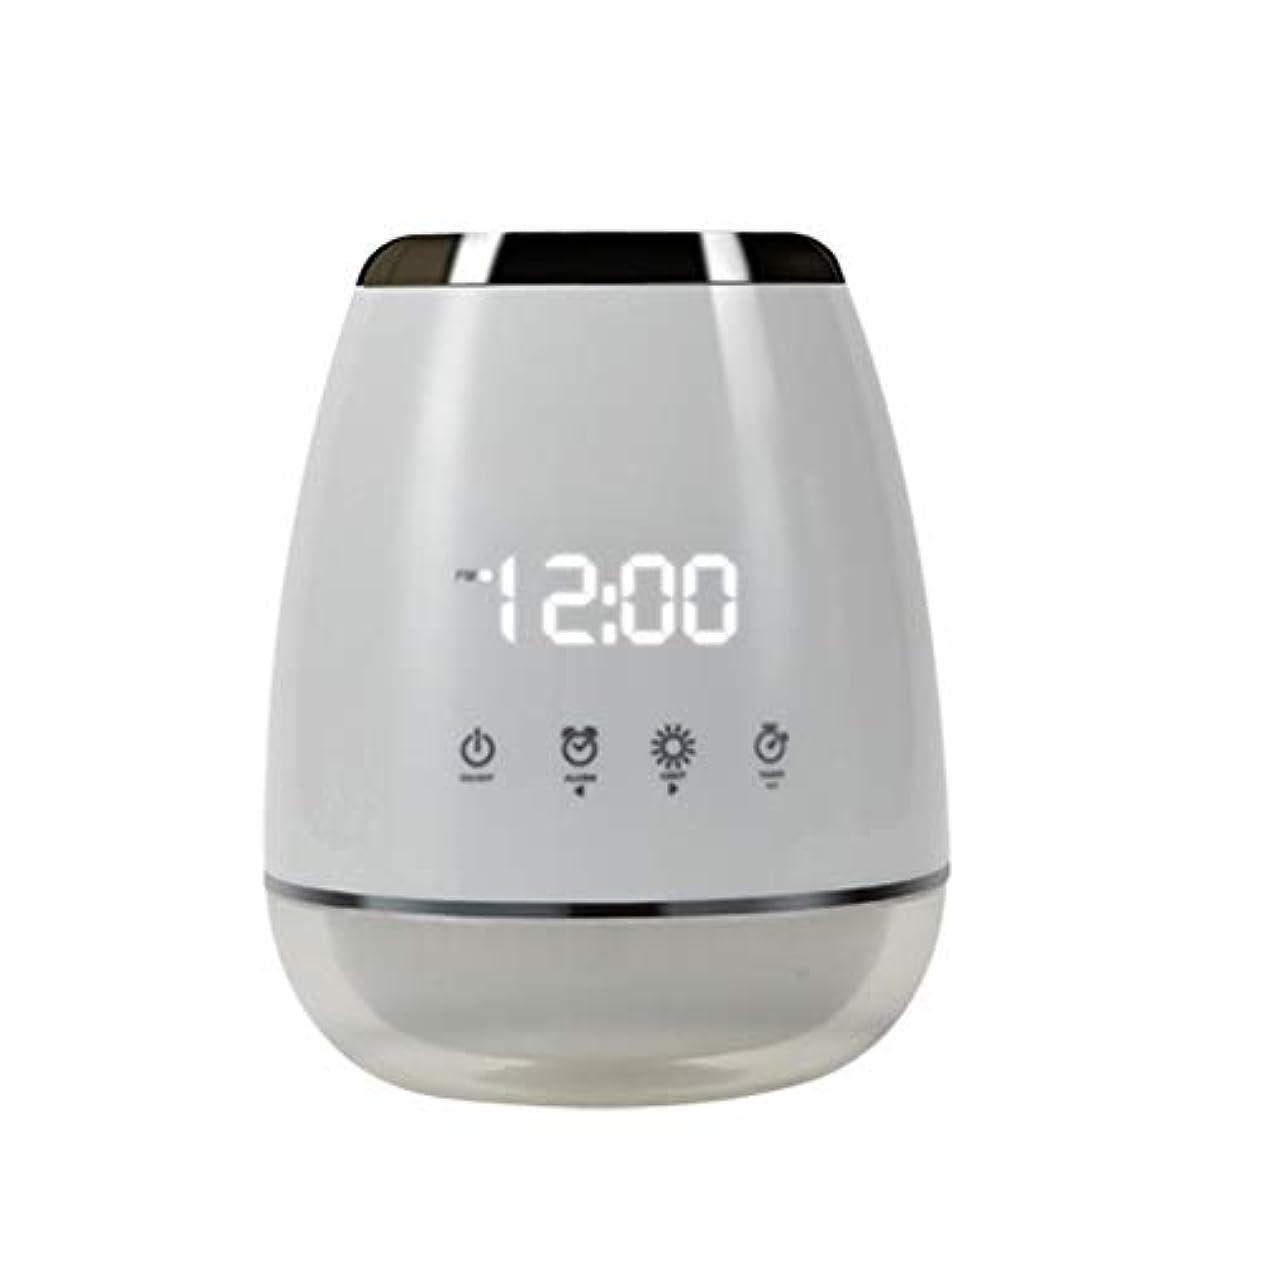 予防接種群れソフィーエッセンシャルオイル アロマディフューザー 空気加湿器 アロマセラップ LED 超音波 クールミスト フォガー 加湿器 ディフューザー スプレー 家庭用 USプラグ付き ホワイト